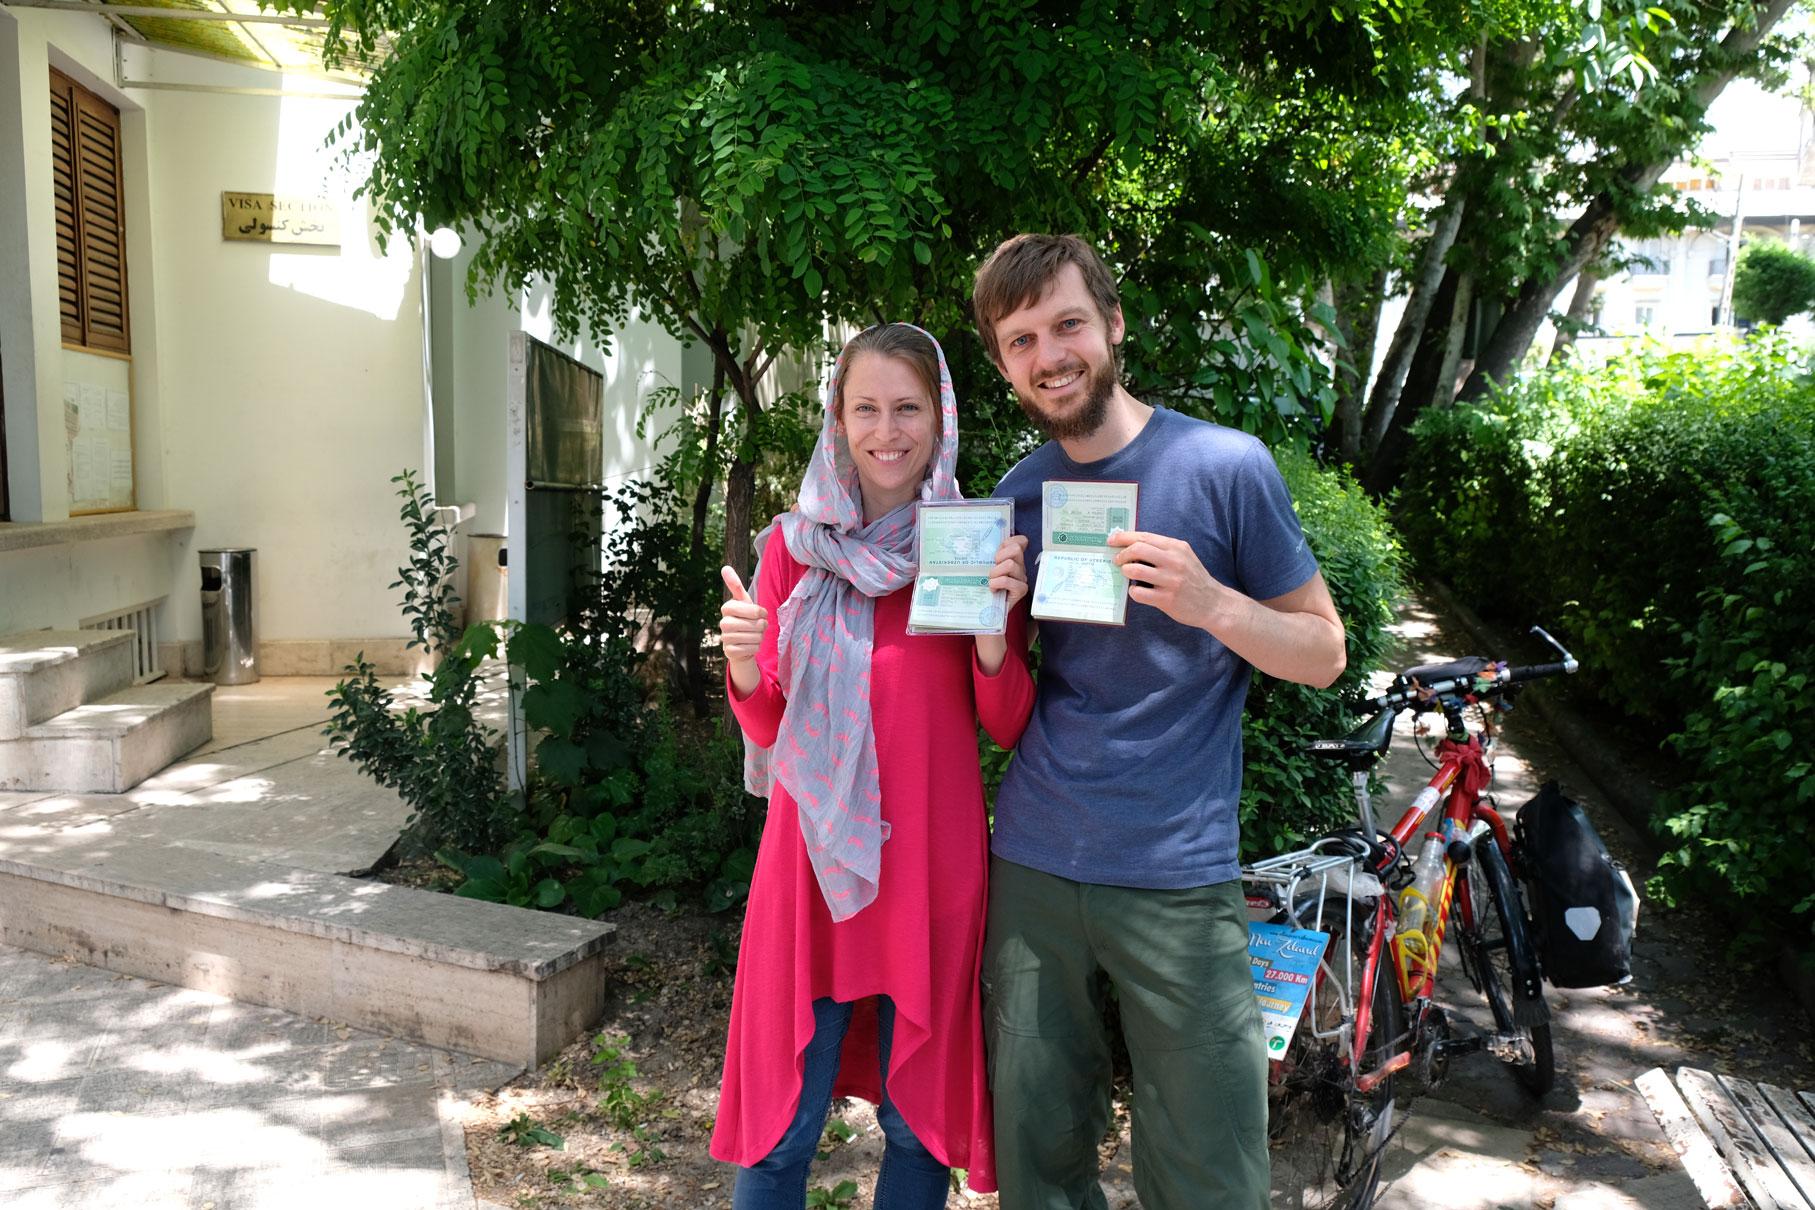 Leo und Sebastian zeigen ihre Reisepässe, in denen ein Visum für Turkmenistan eingeklebt ist